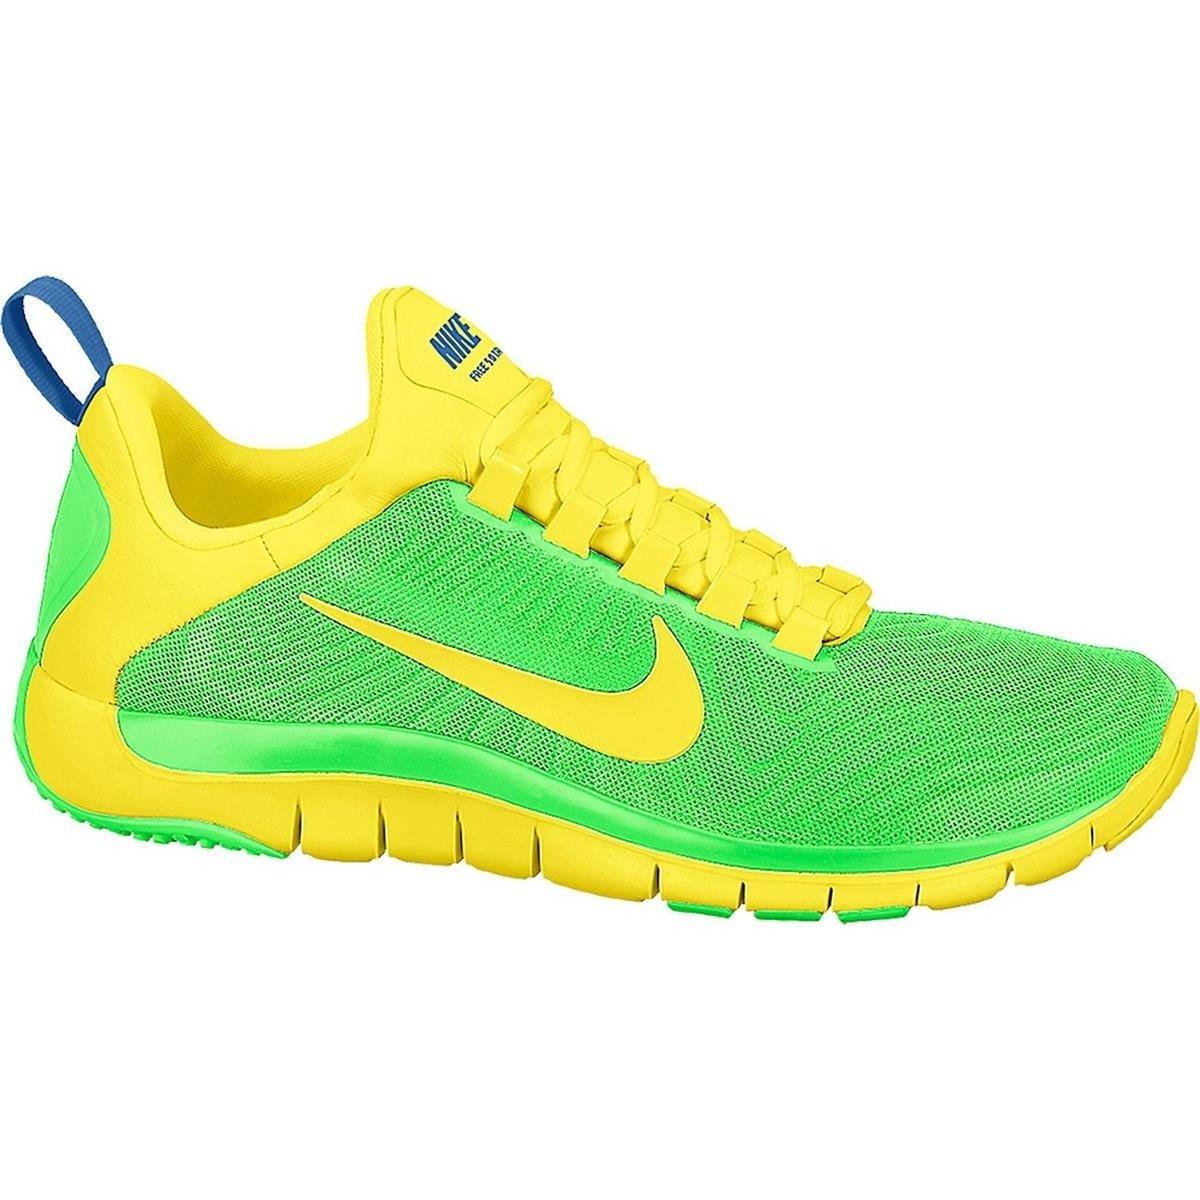 Nike Schuhe Herren Nike Free trainer 5.0 nrg Neo lime